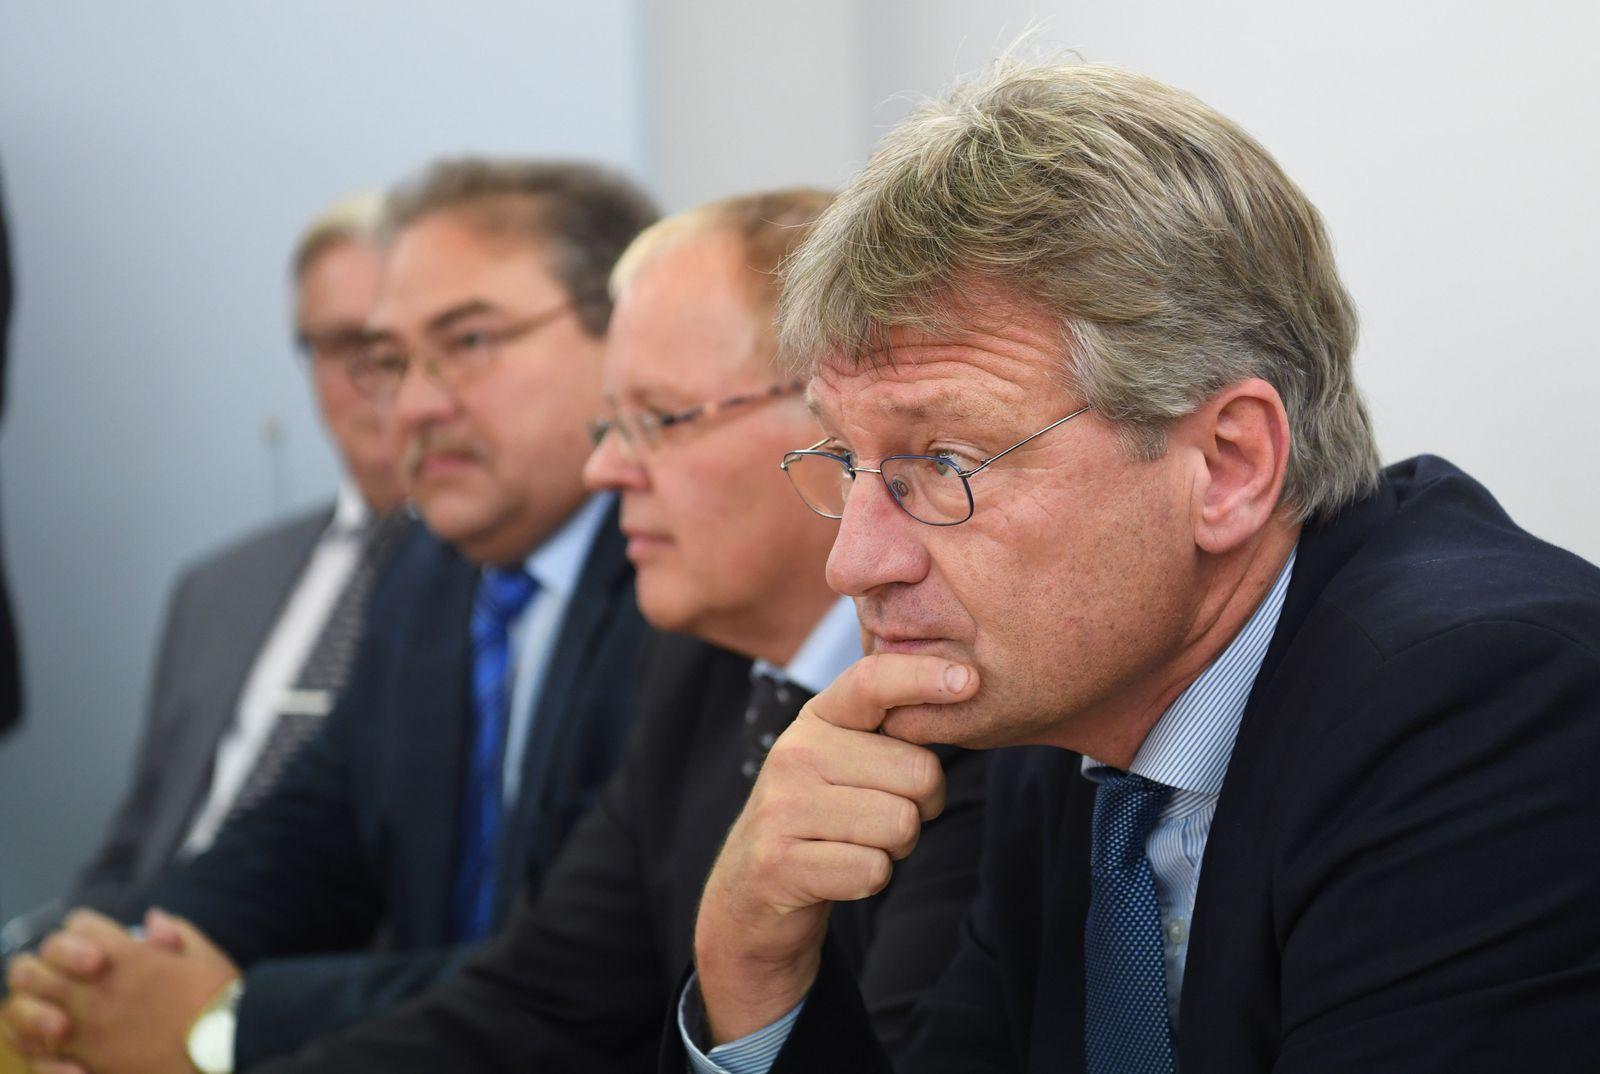 Jörg Meuthen / AfD